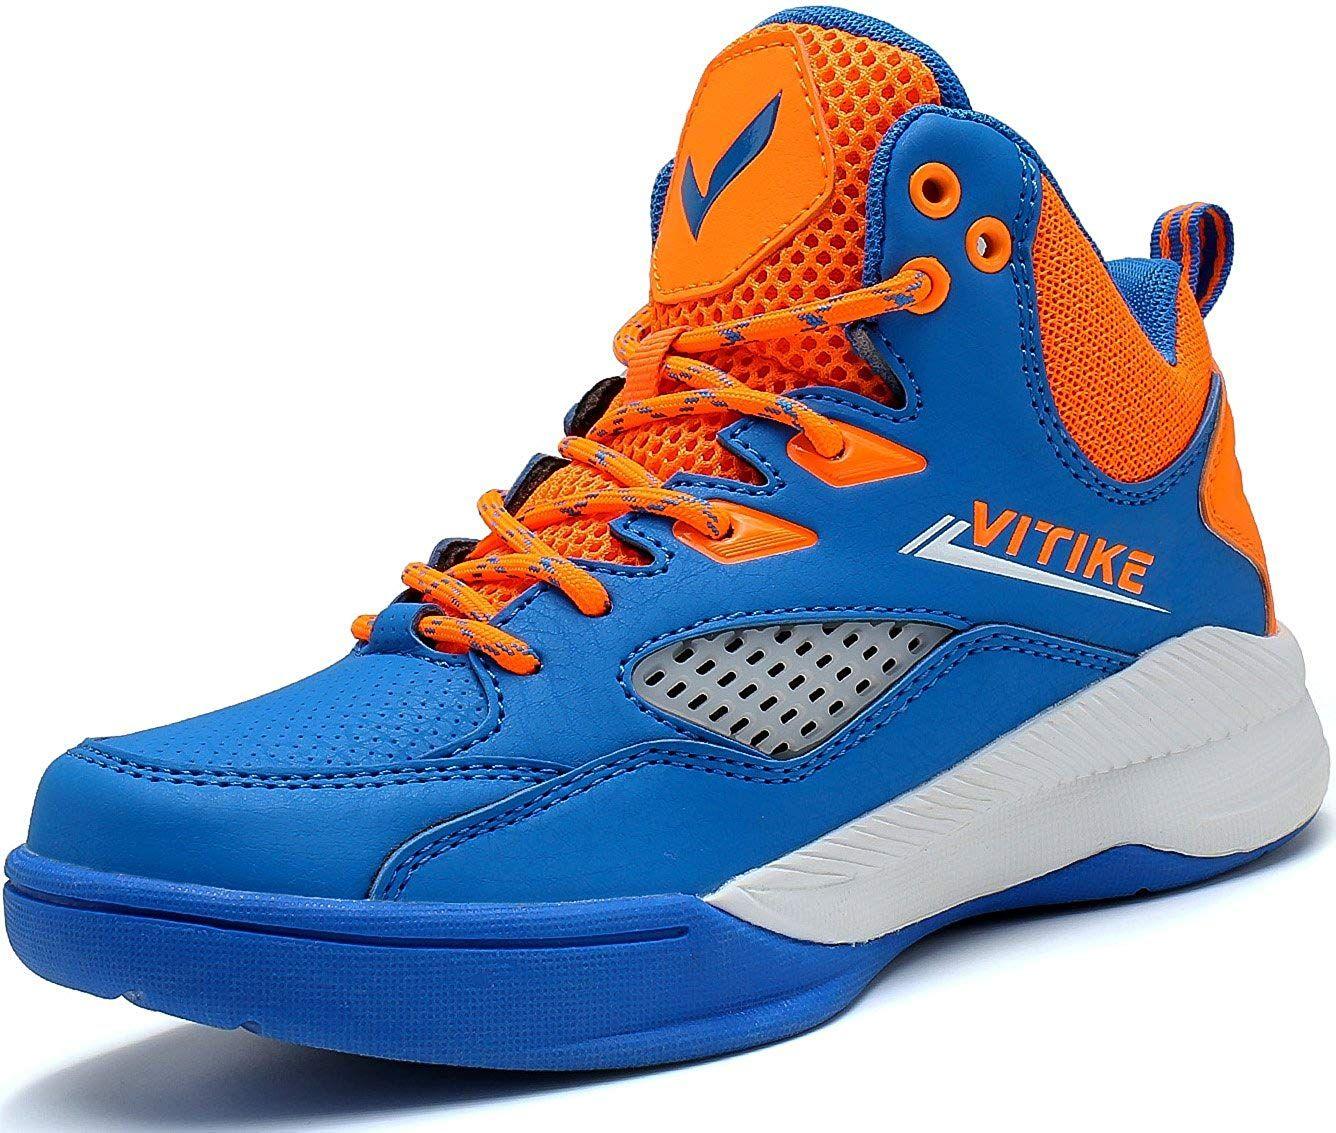 Best Outdoor Basketball Shoes Best Basketball Shoes Nike Kids Shoes Black Basketball Shoes